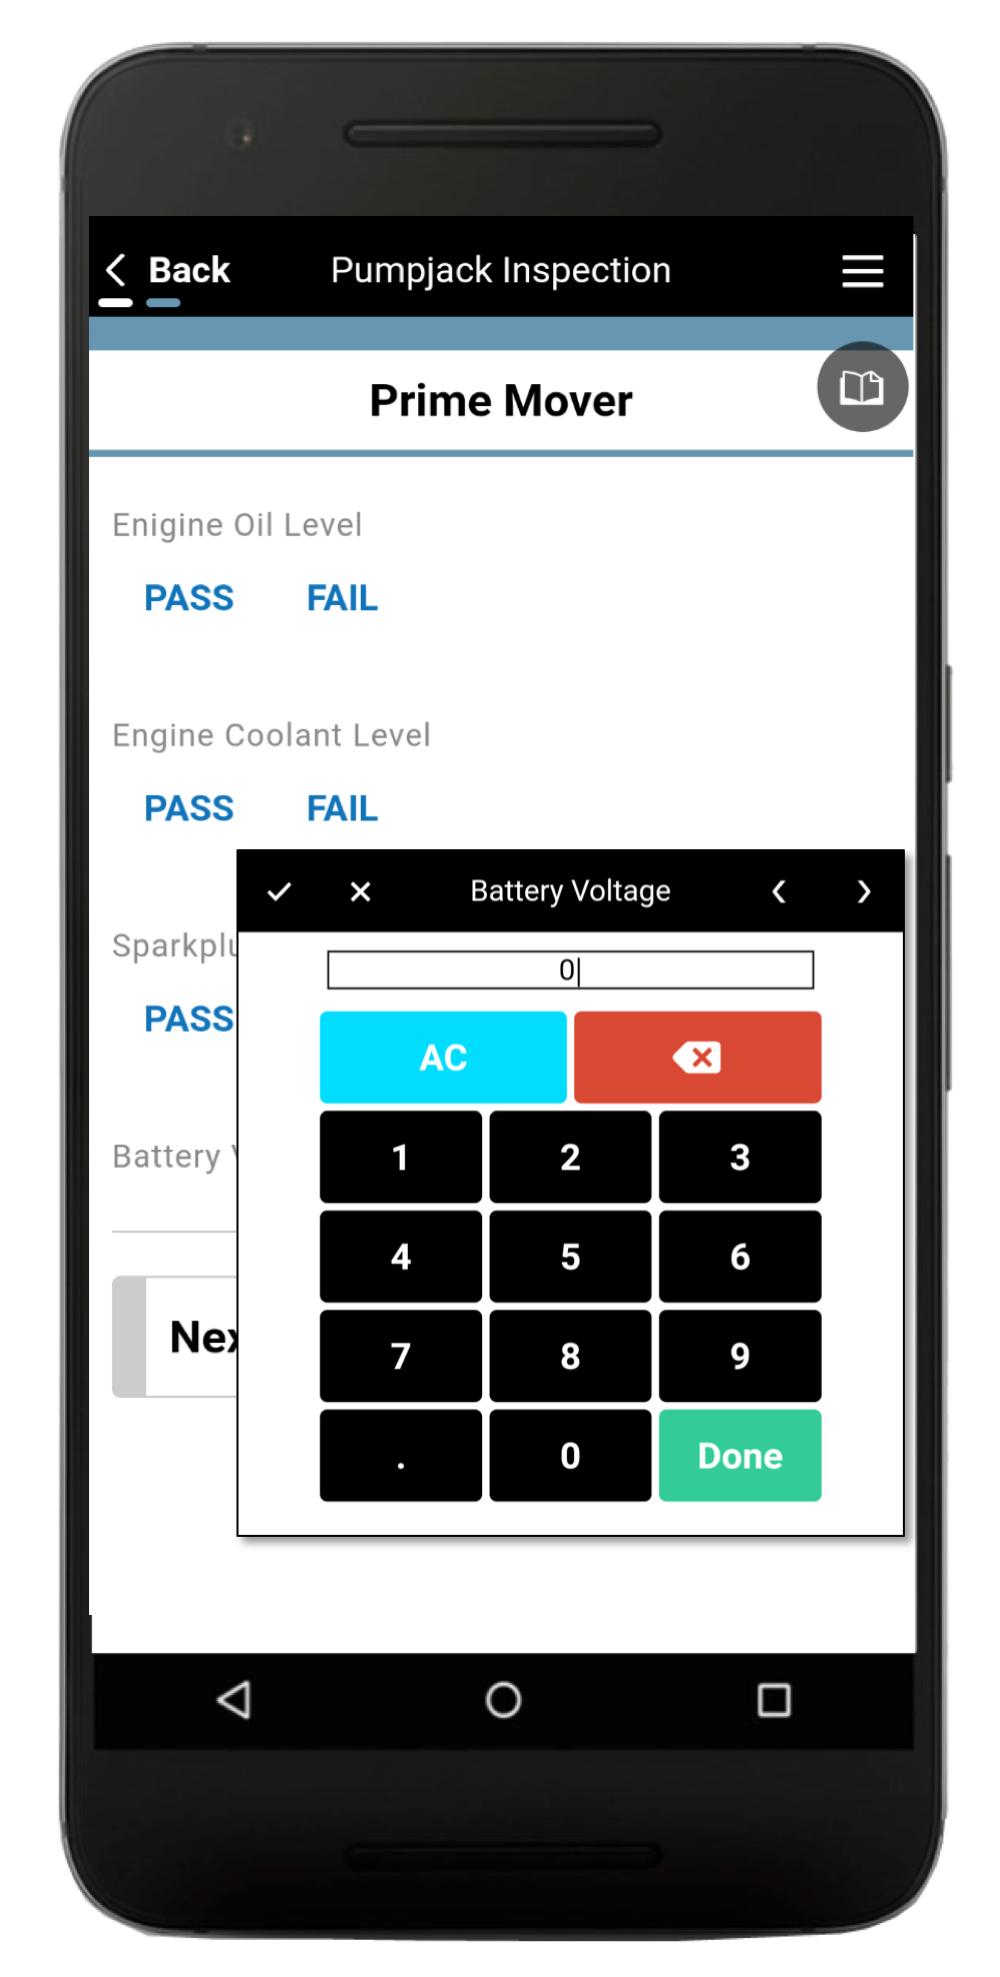 Pumpjack Inspection App